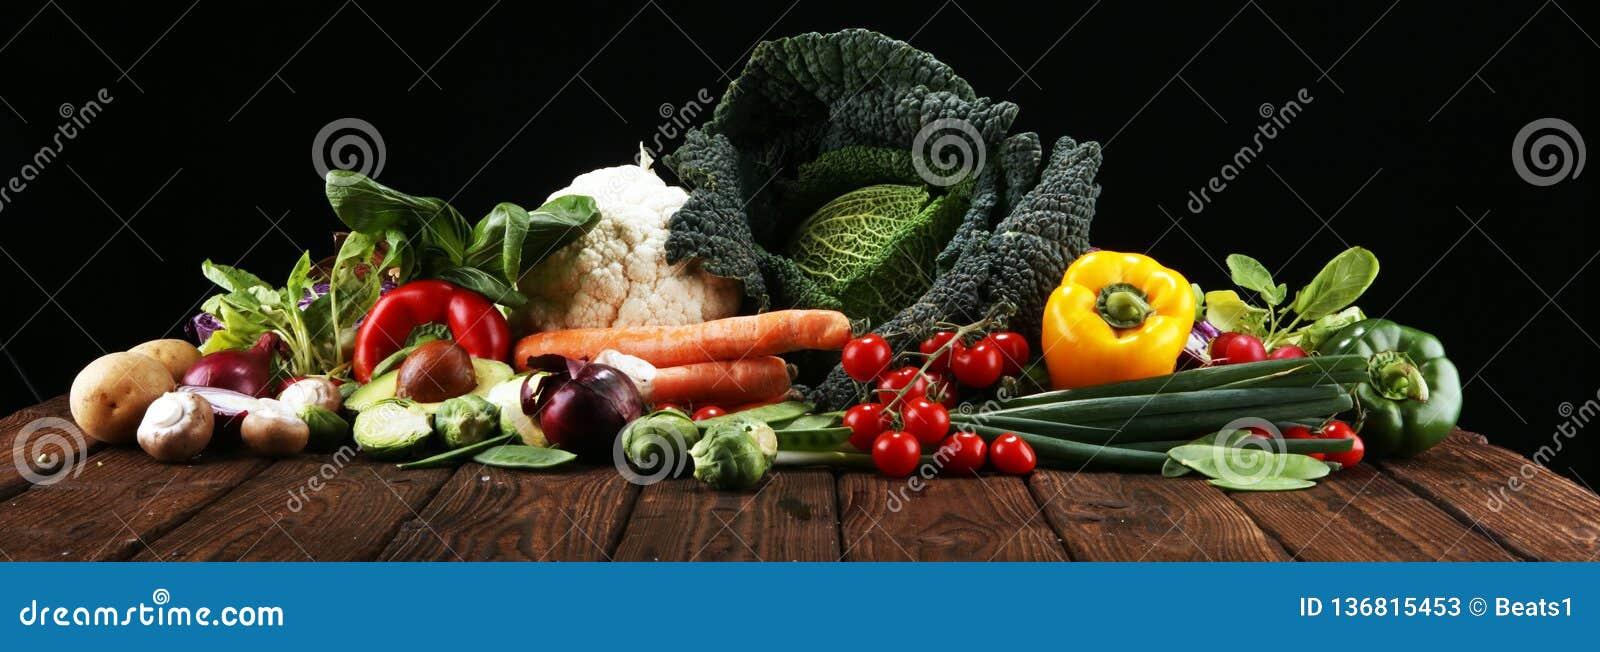 Sammansättning med variation av rå organiska grönsaker och frukter allsidigt banta